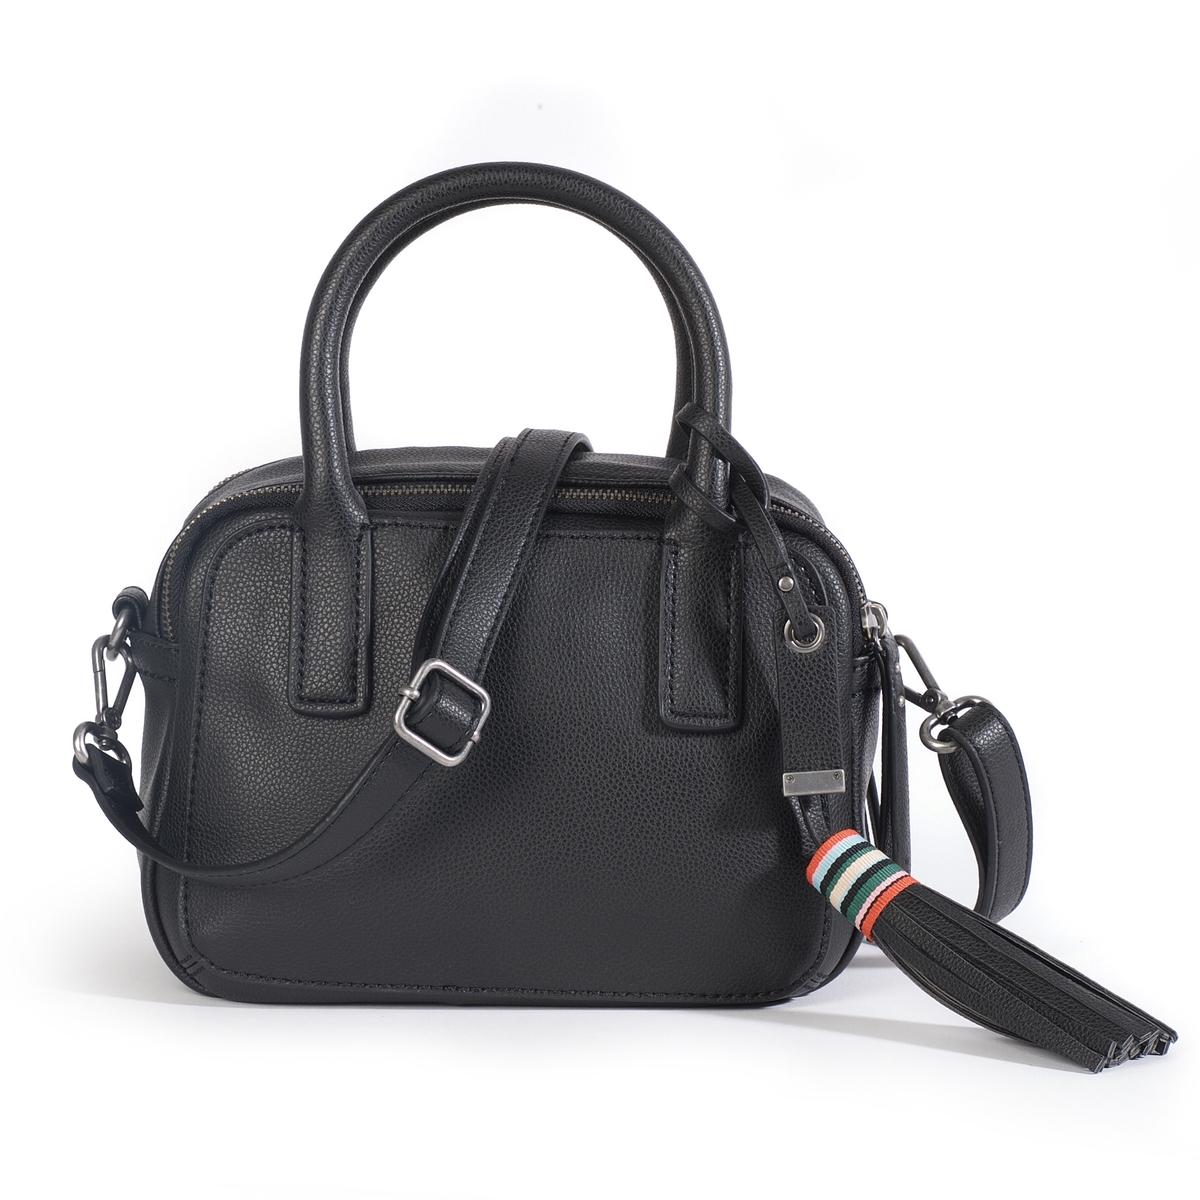 Сумка WendyОписание:Сумка-клатч Esprit с закругленными краями, практичная и модная. Можно носить в руке или через плечо ! Состав и описание :  •  Материал : верх из полиуретана                         подкладка из полиуретана •  Марка : Esprit •  Модель : Wendy city bag •  Размер :  17 x 23 x 10 см •  Застежка : на двойную молниюВнутренние карманы  Съемный и регулируемый ремешок<br><br>Цвет: черный<br>Размер: единый размер